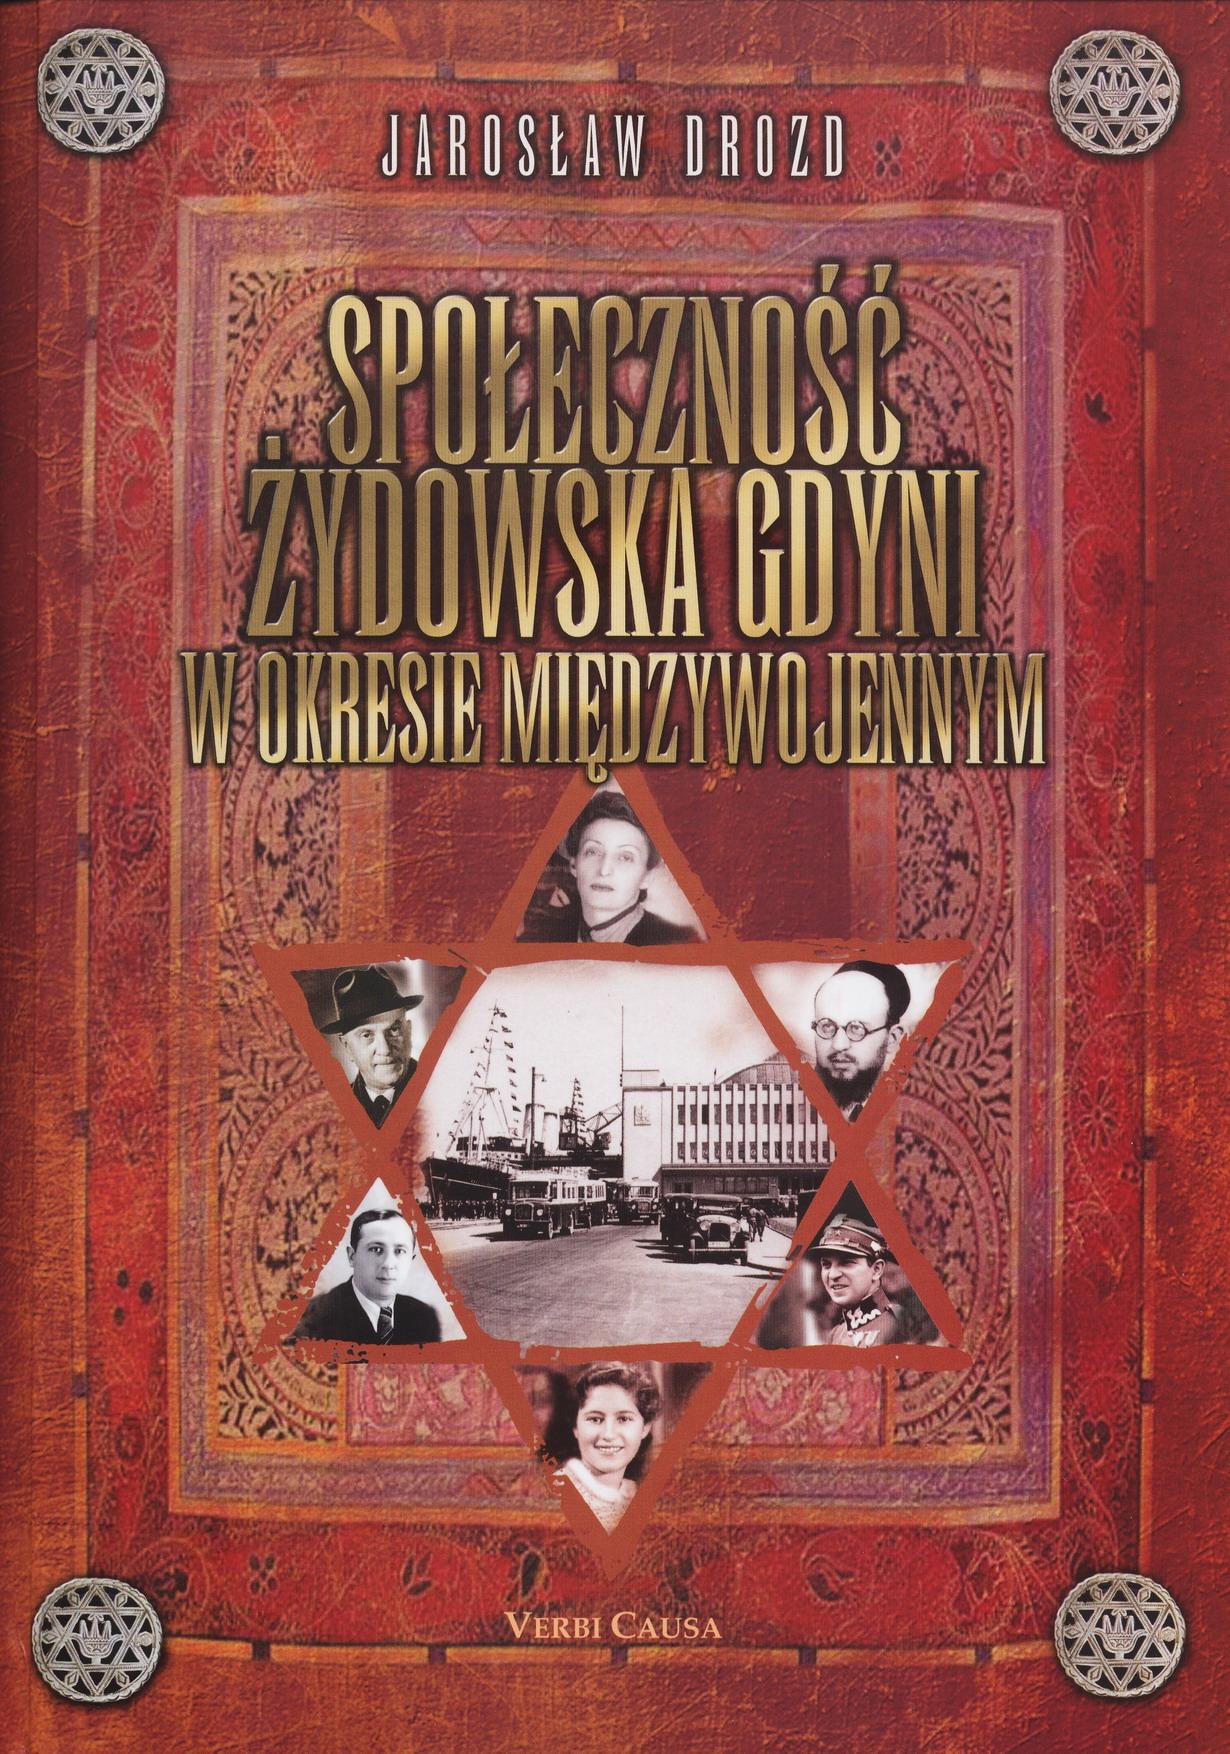 Społeczność żydowska Gdyni w okresie międzywojennym